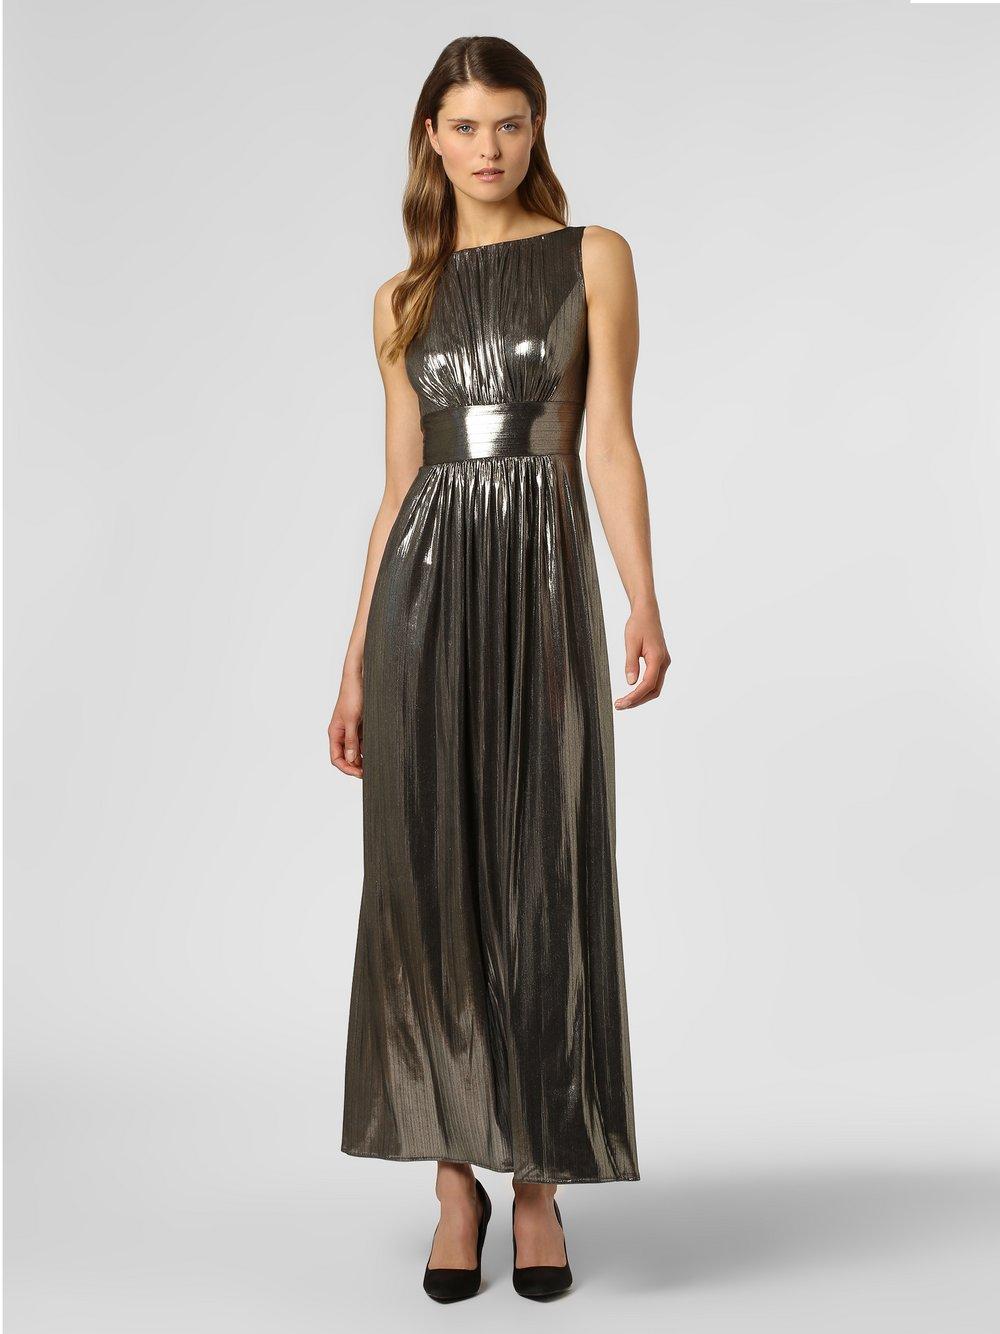 Swing - Damska sukienka wieczorowa, szary